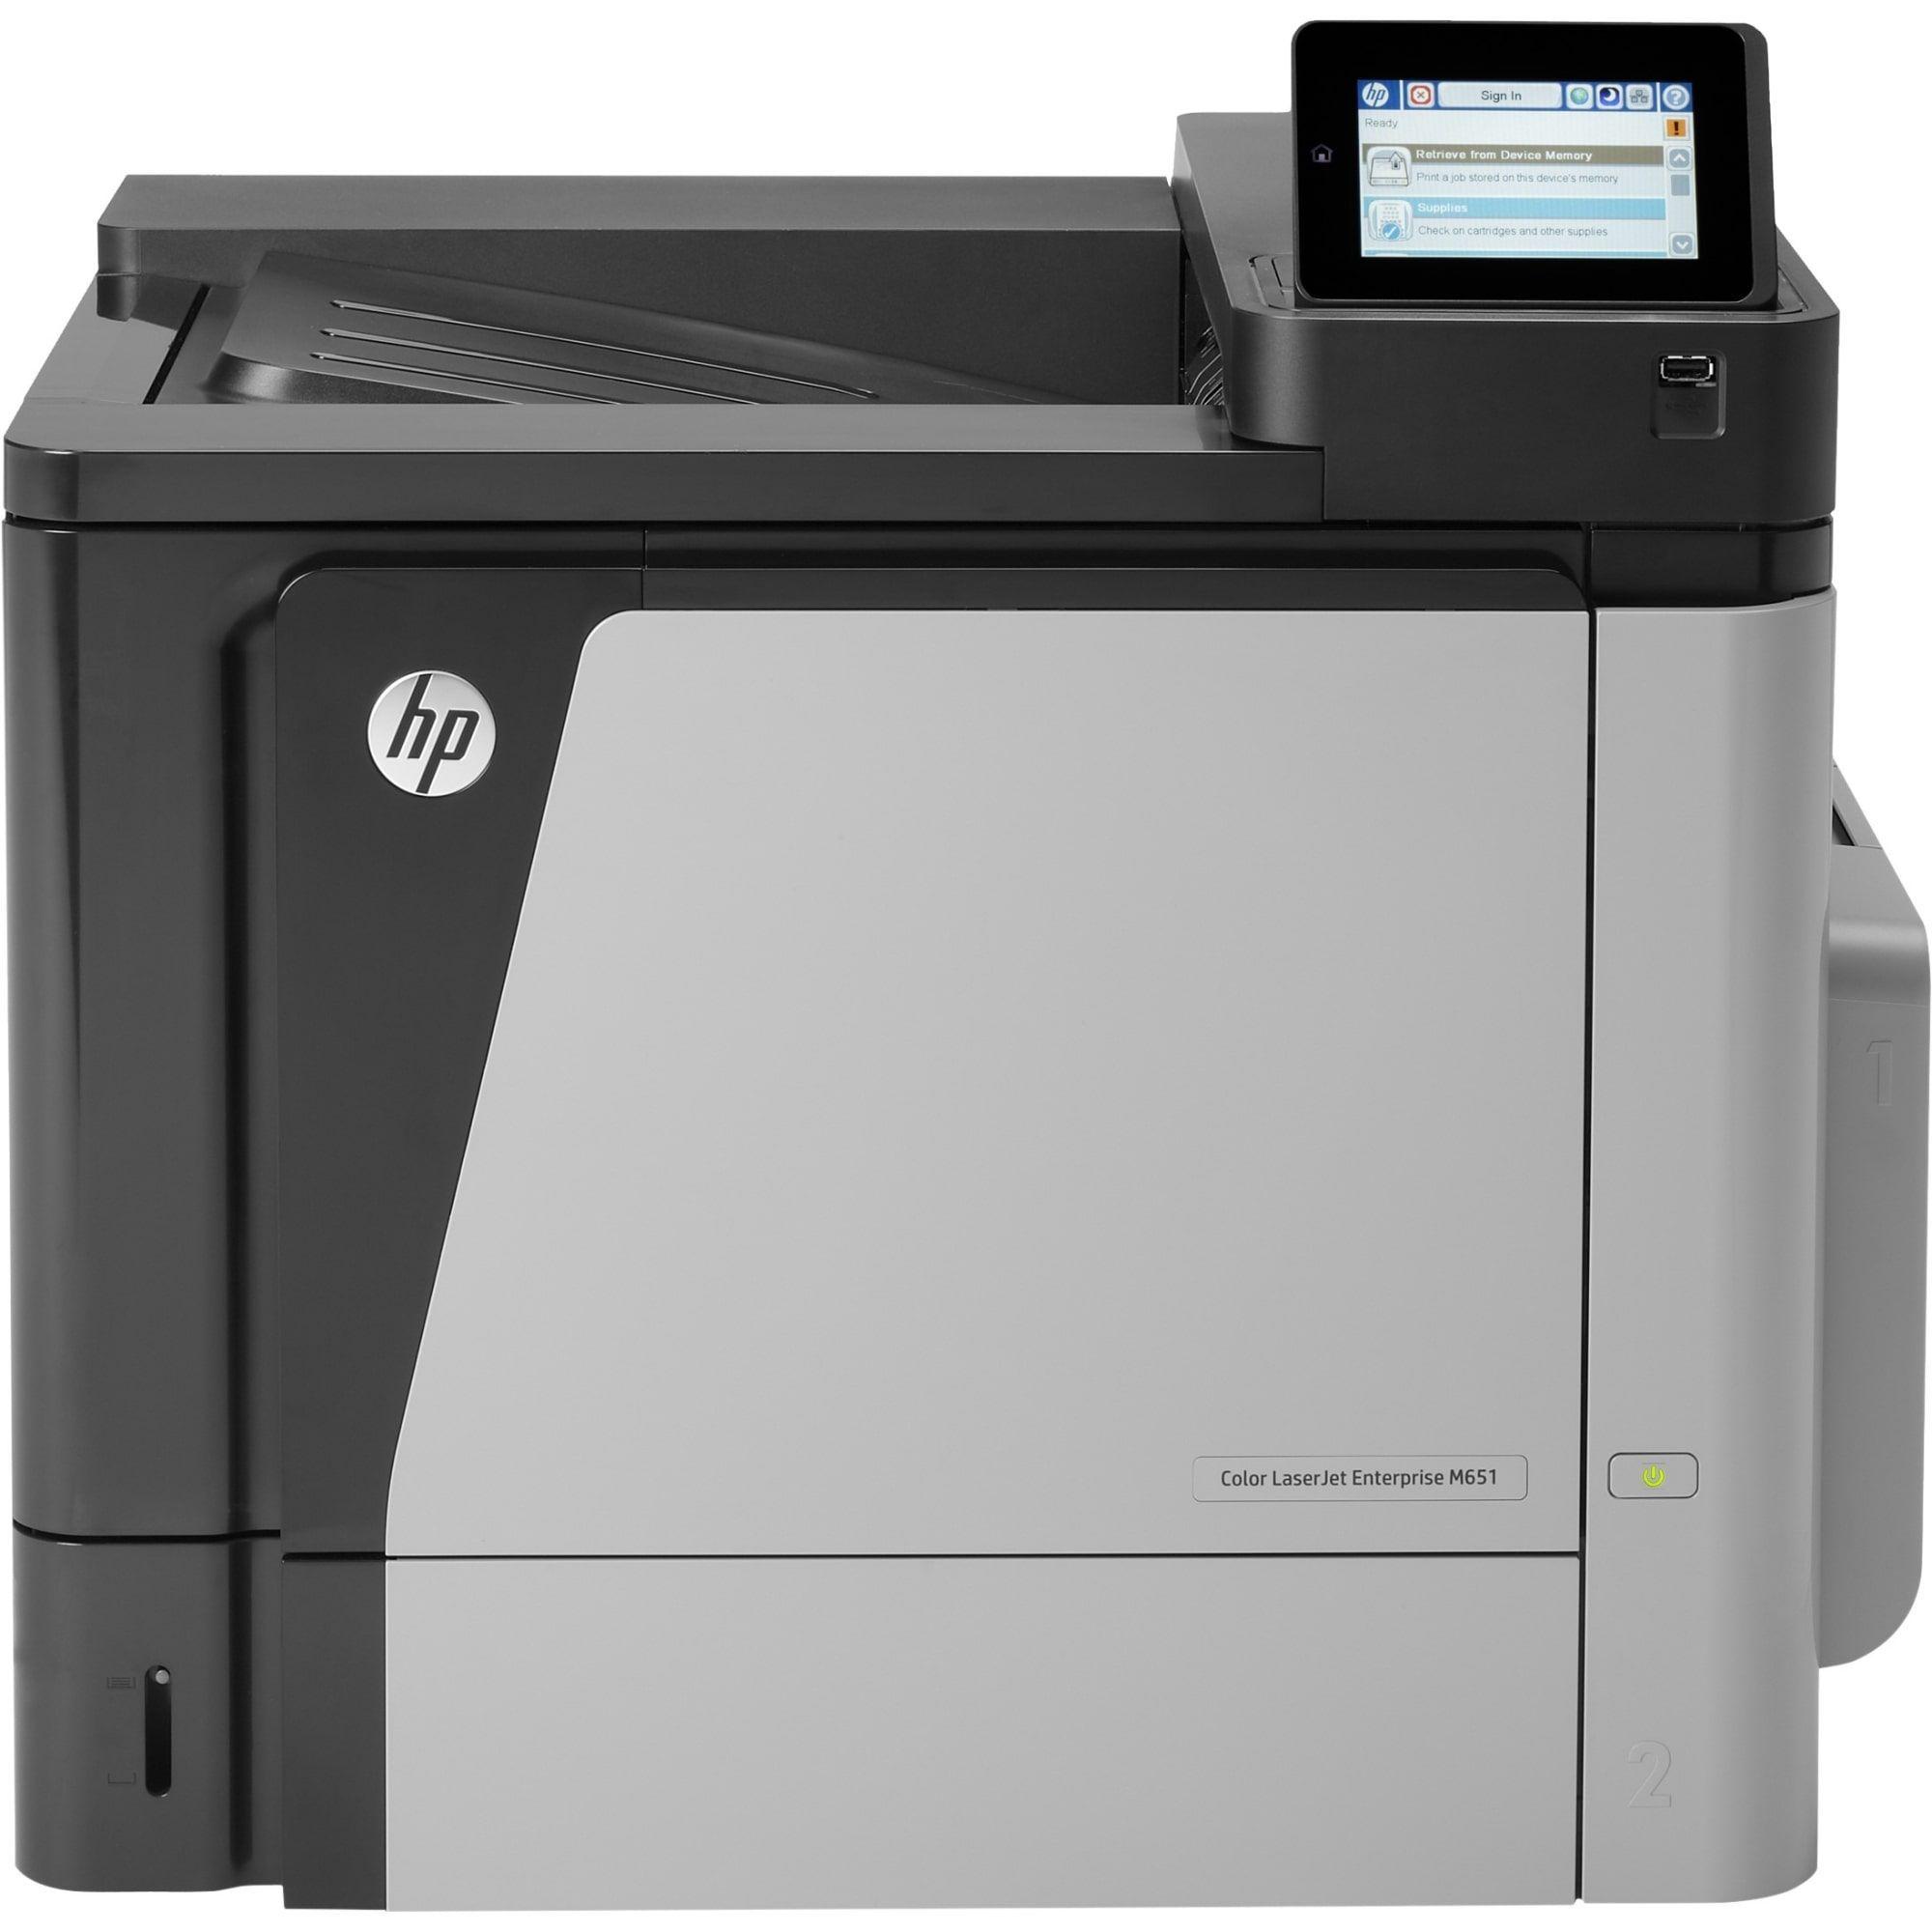 Hp laserjet m651dn laser printer refurbished color